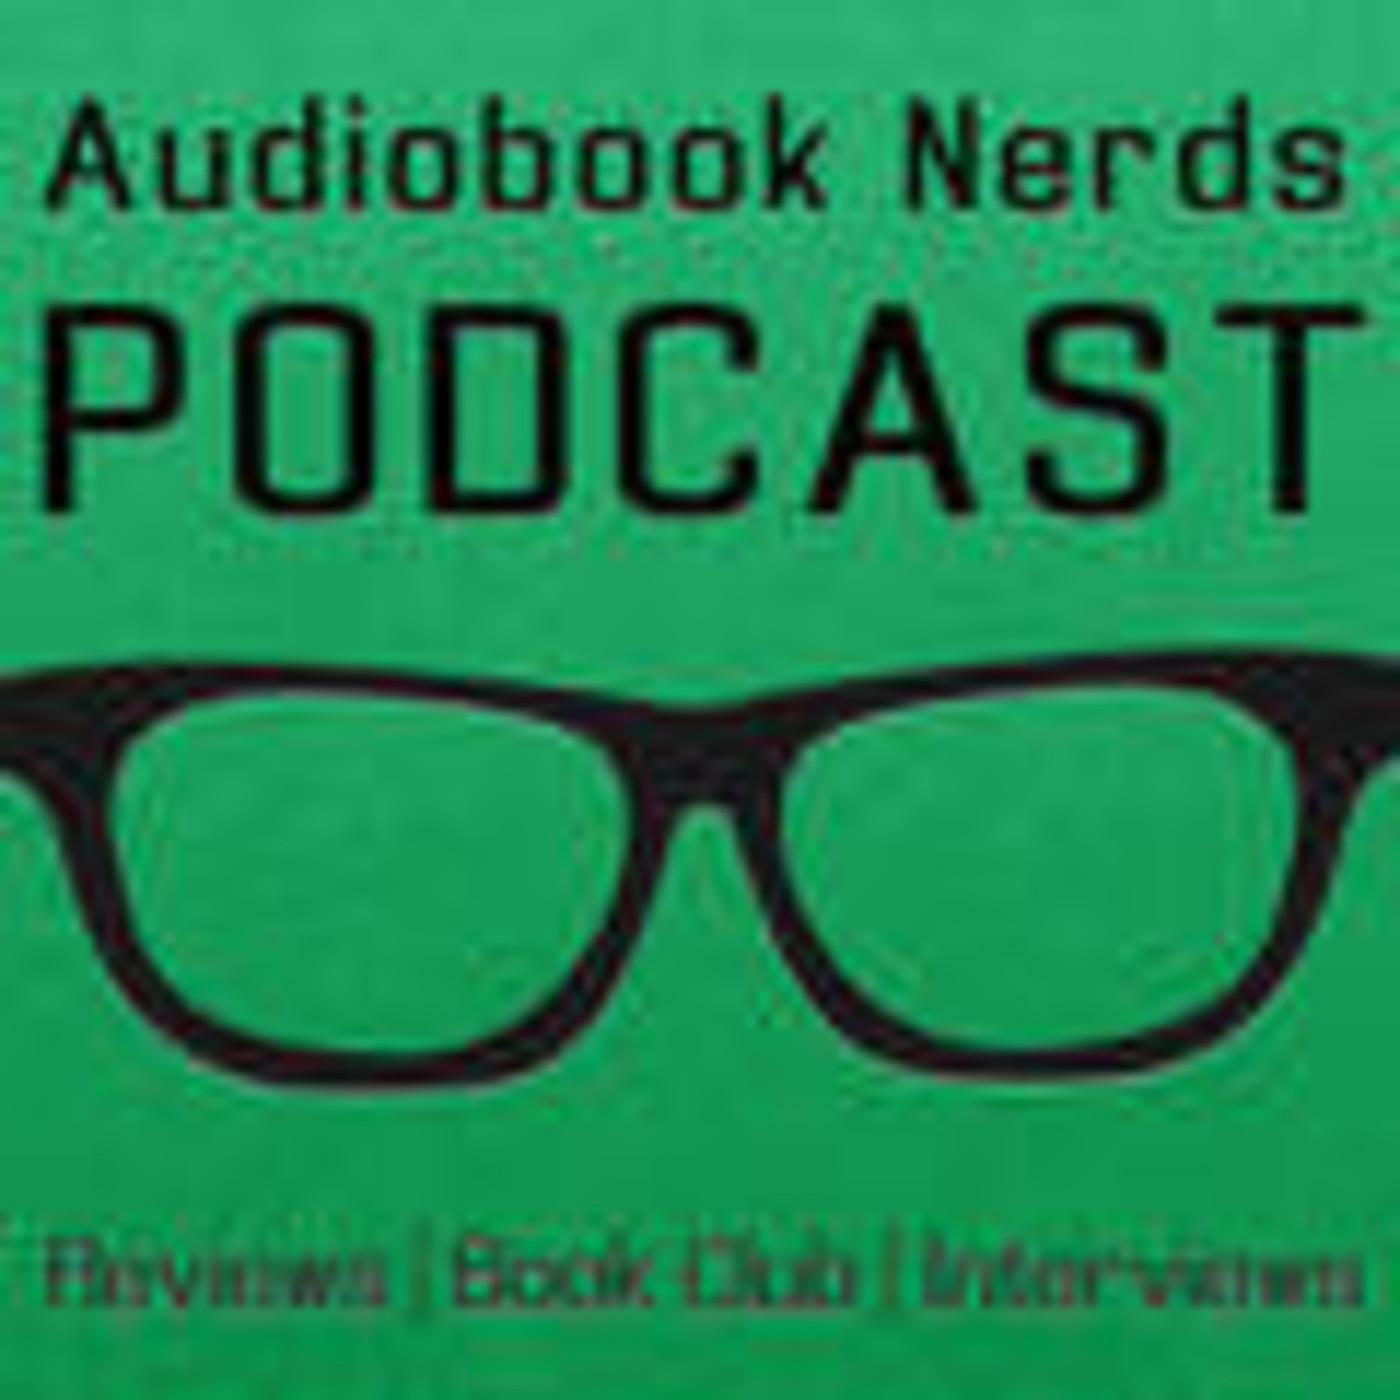 Matthew Burns: Audiobook Nerd,